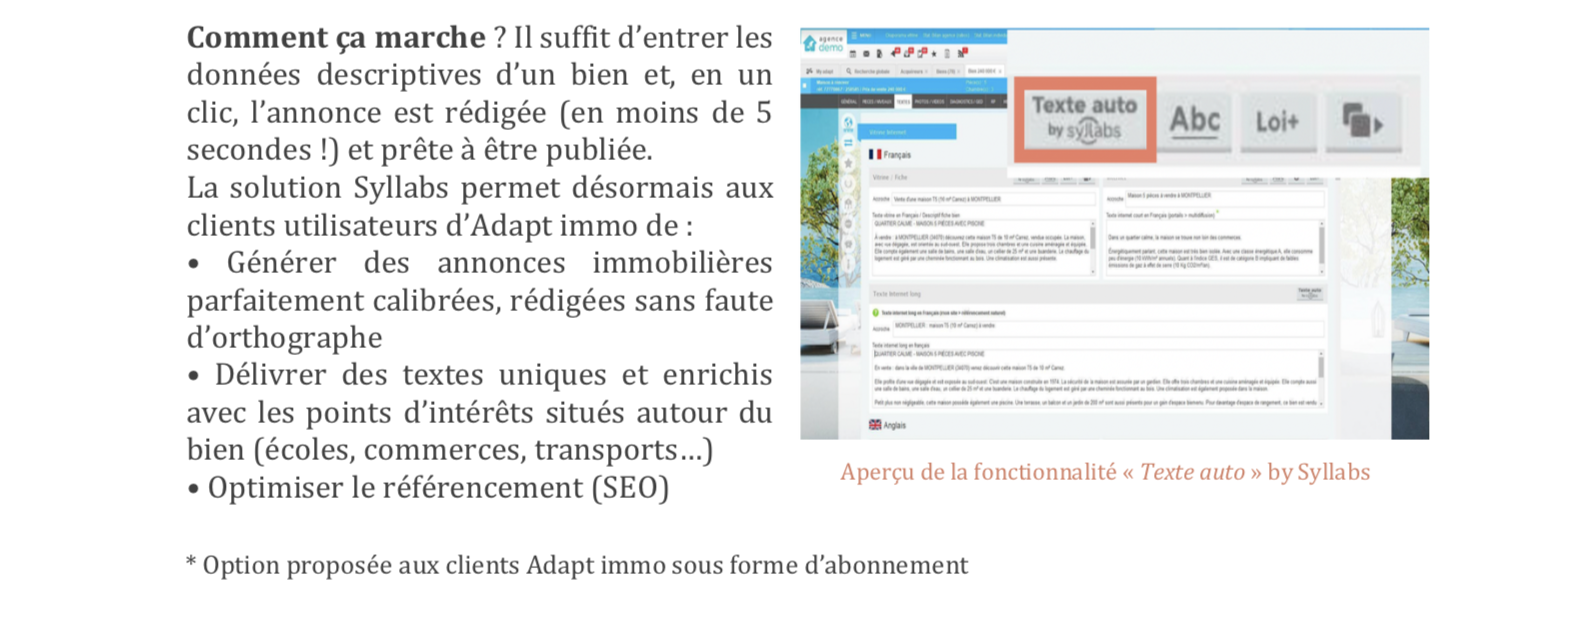 Adapt immo intègre l'IA Syllabs pour enrichir son offre clients